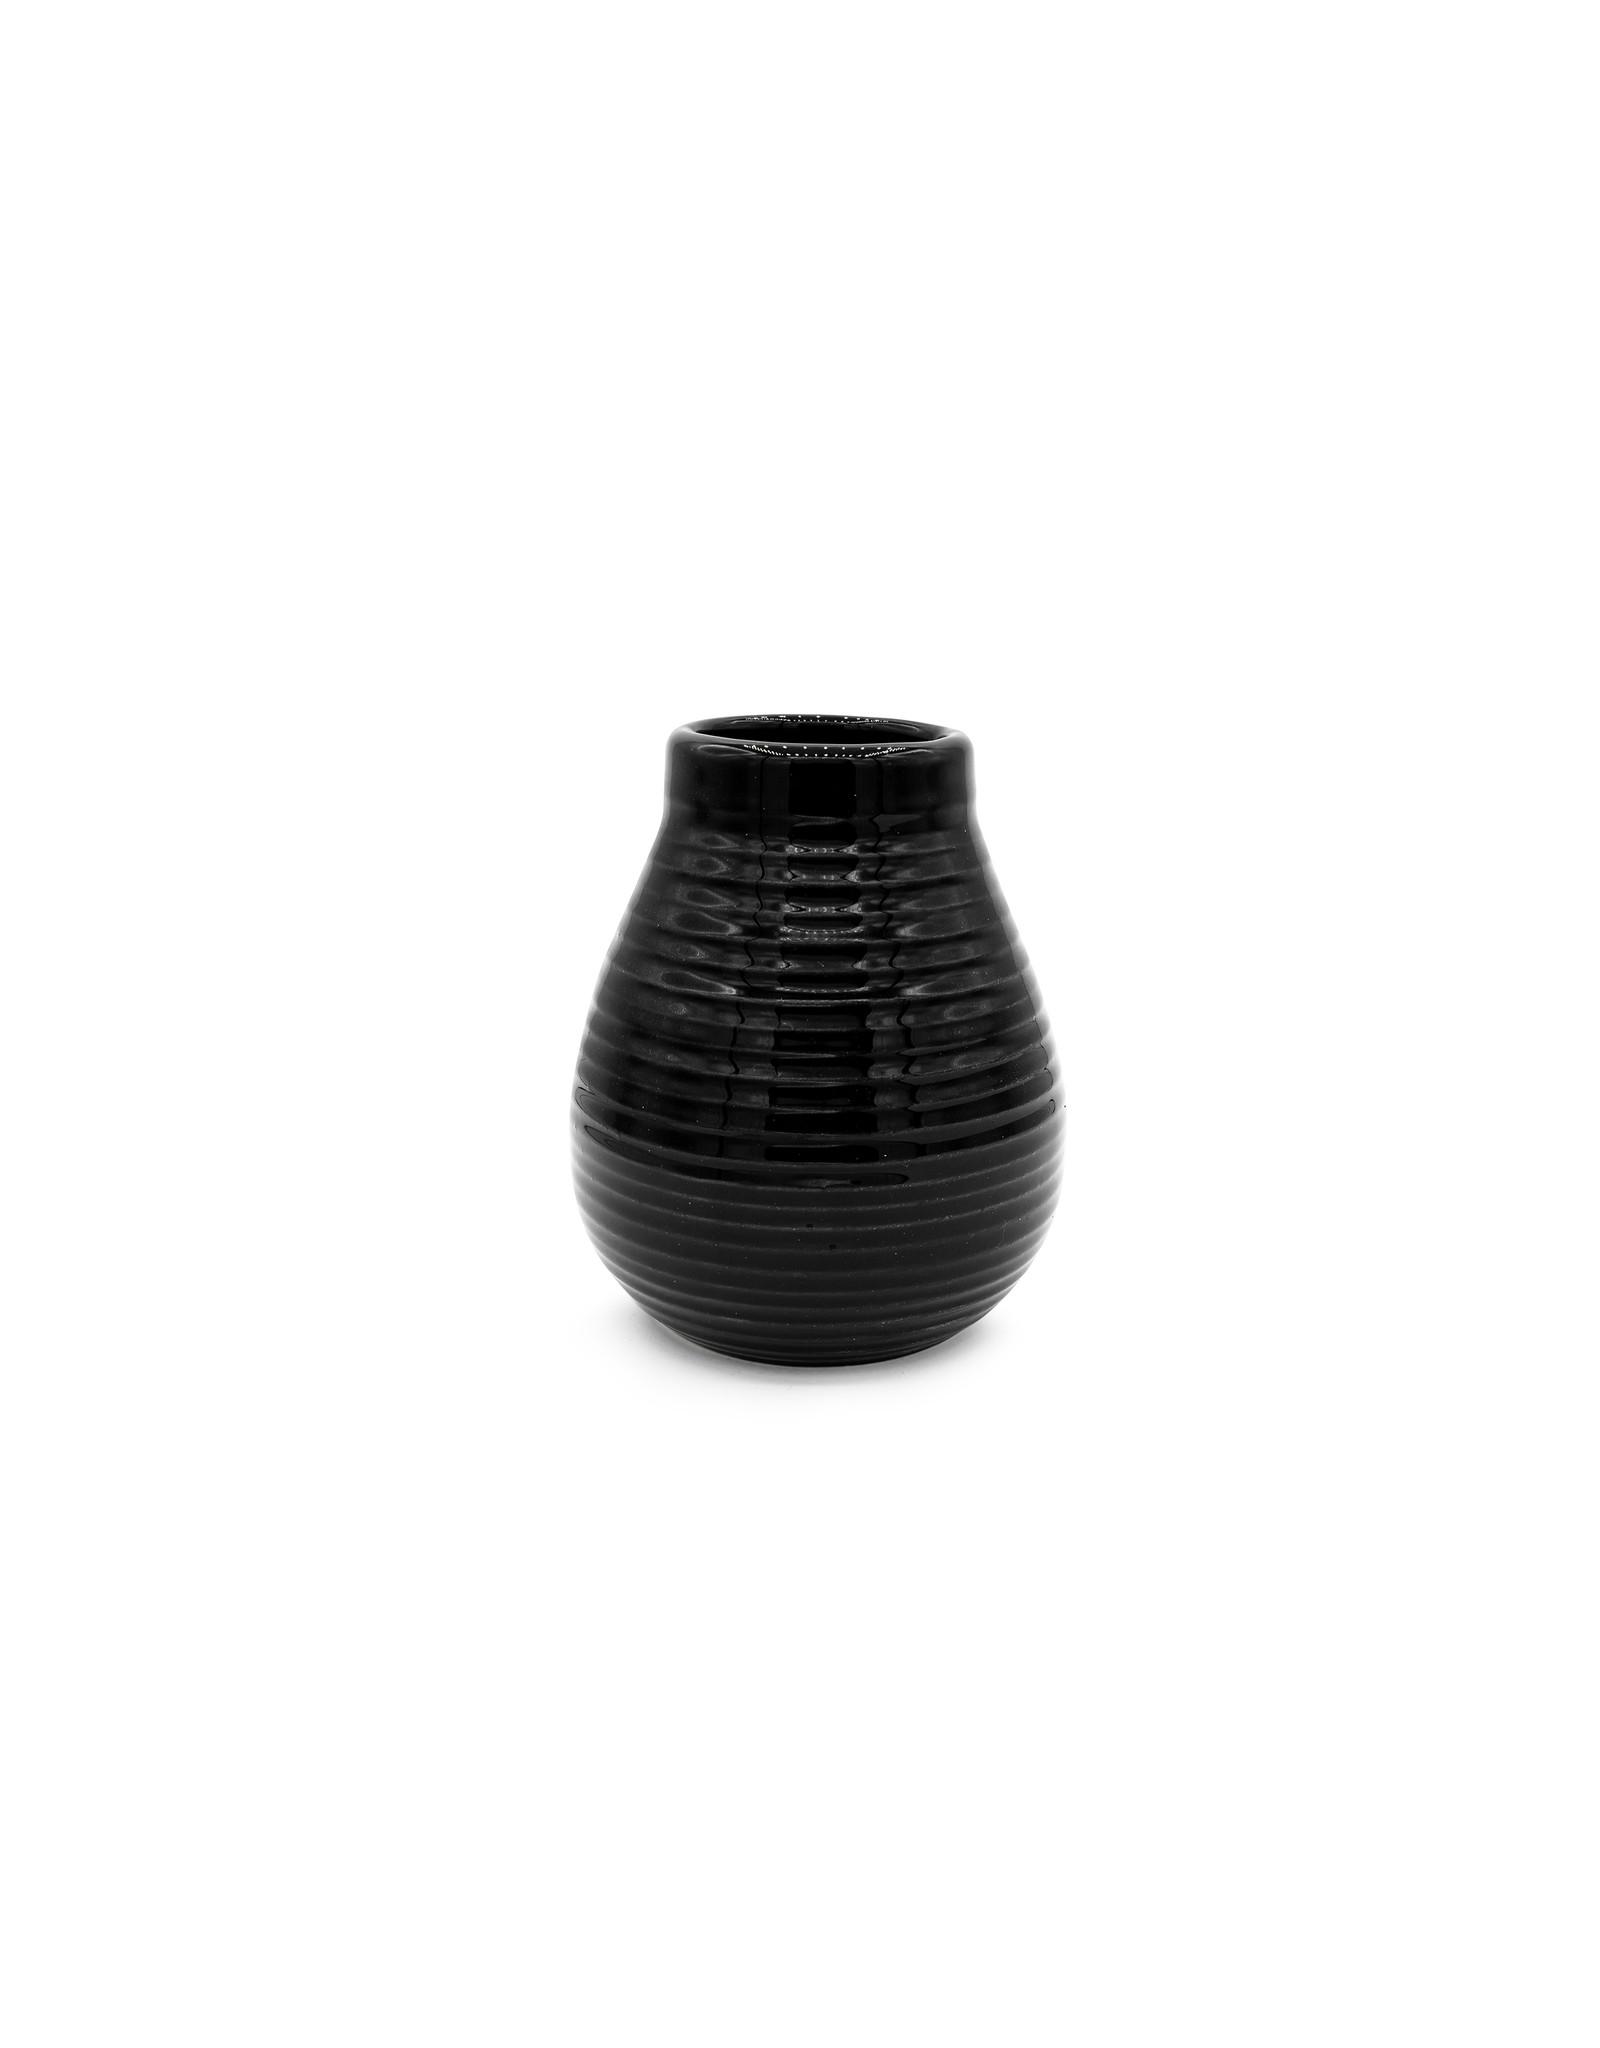 Calabaza céramique noire